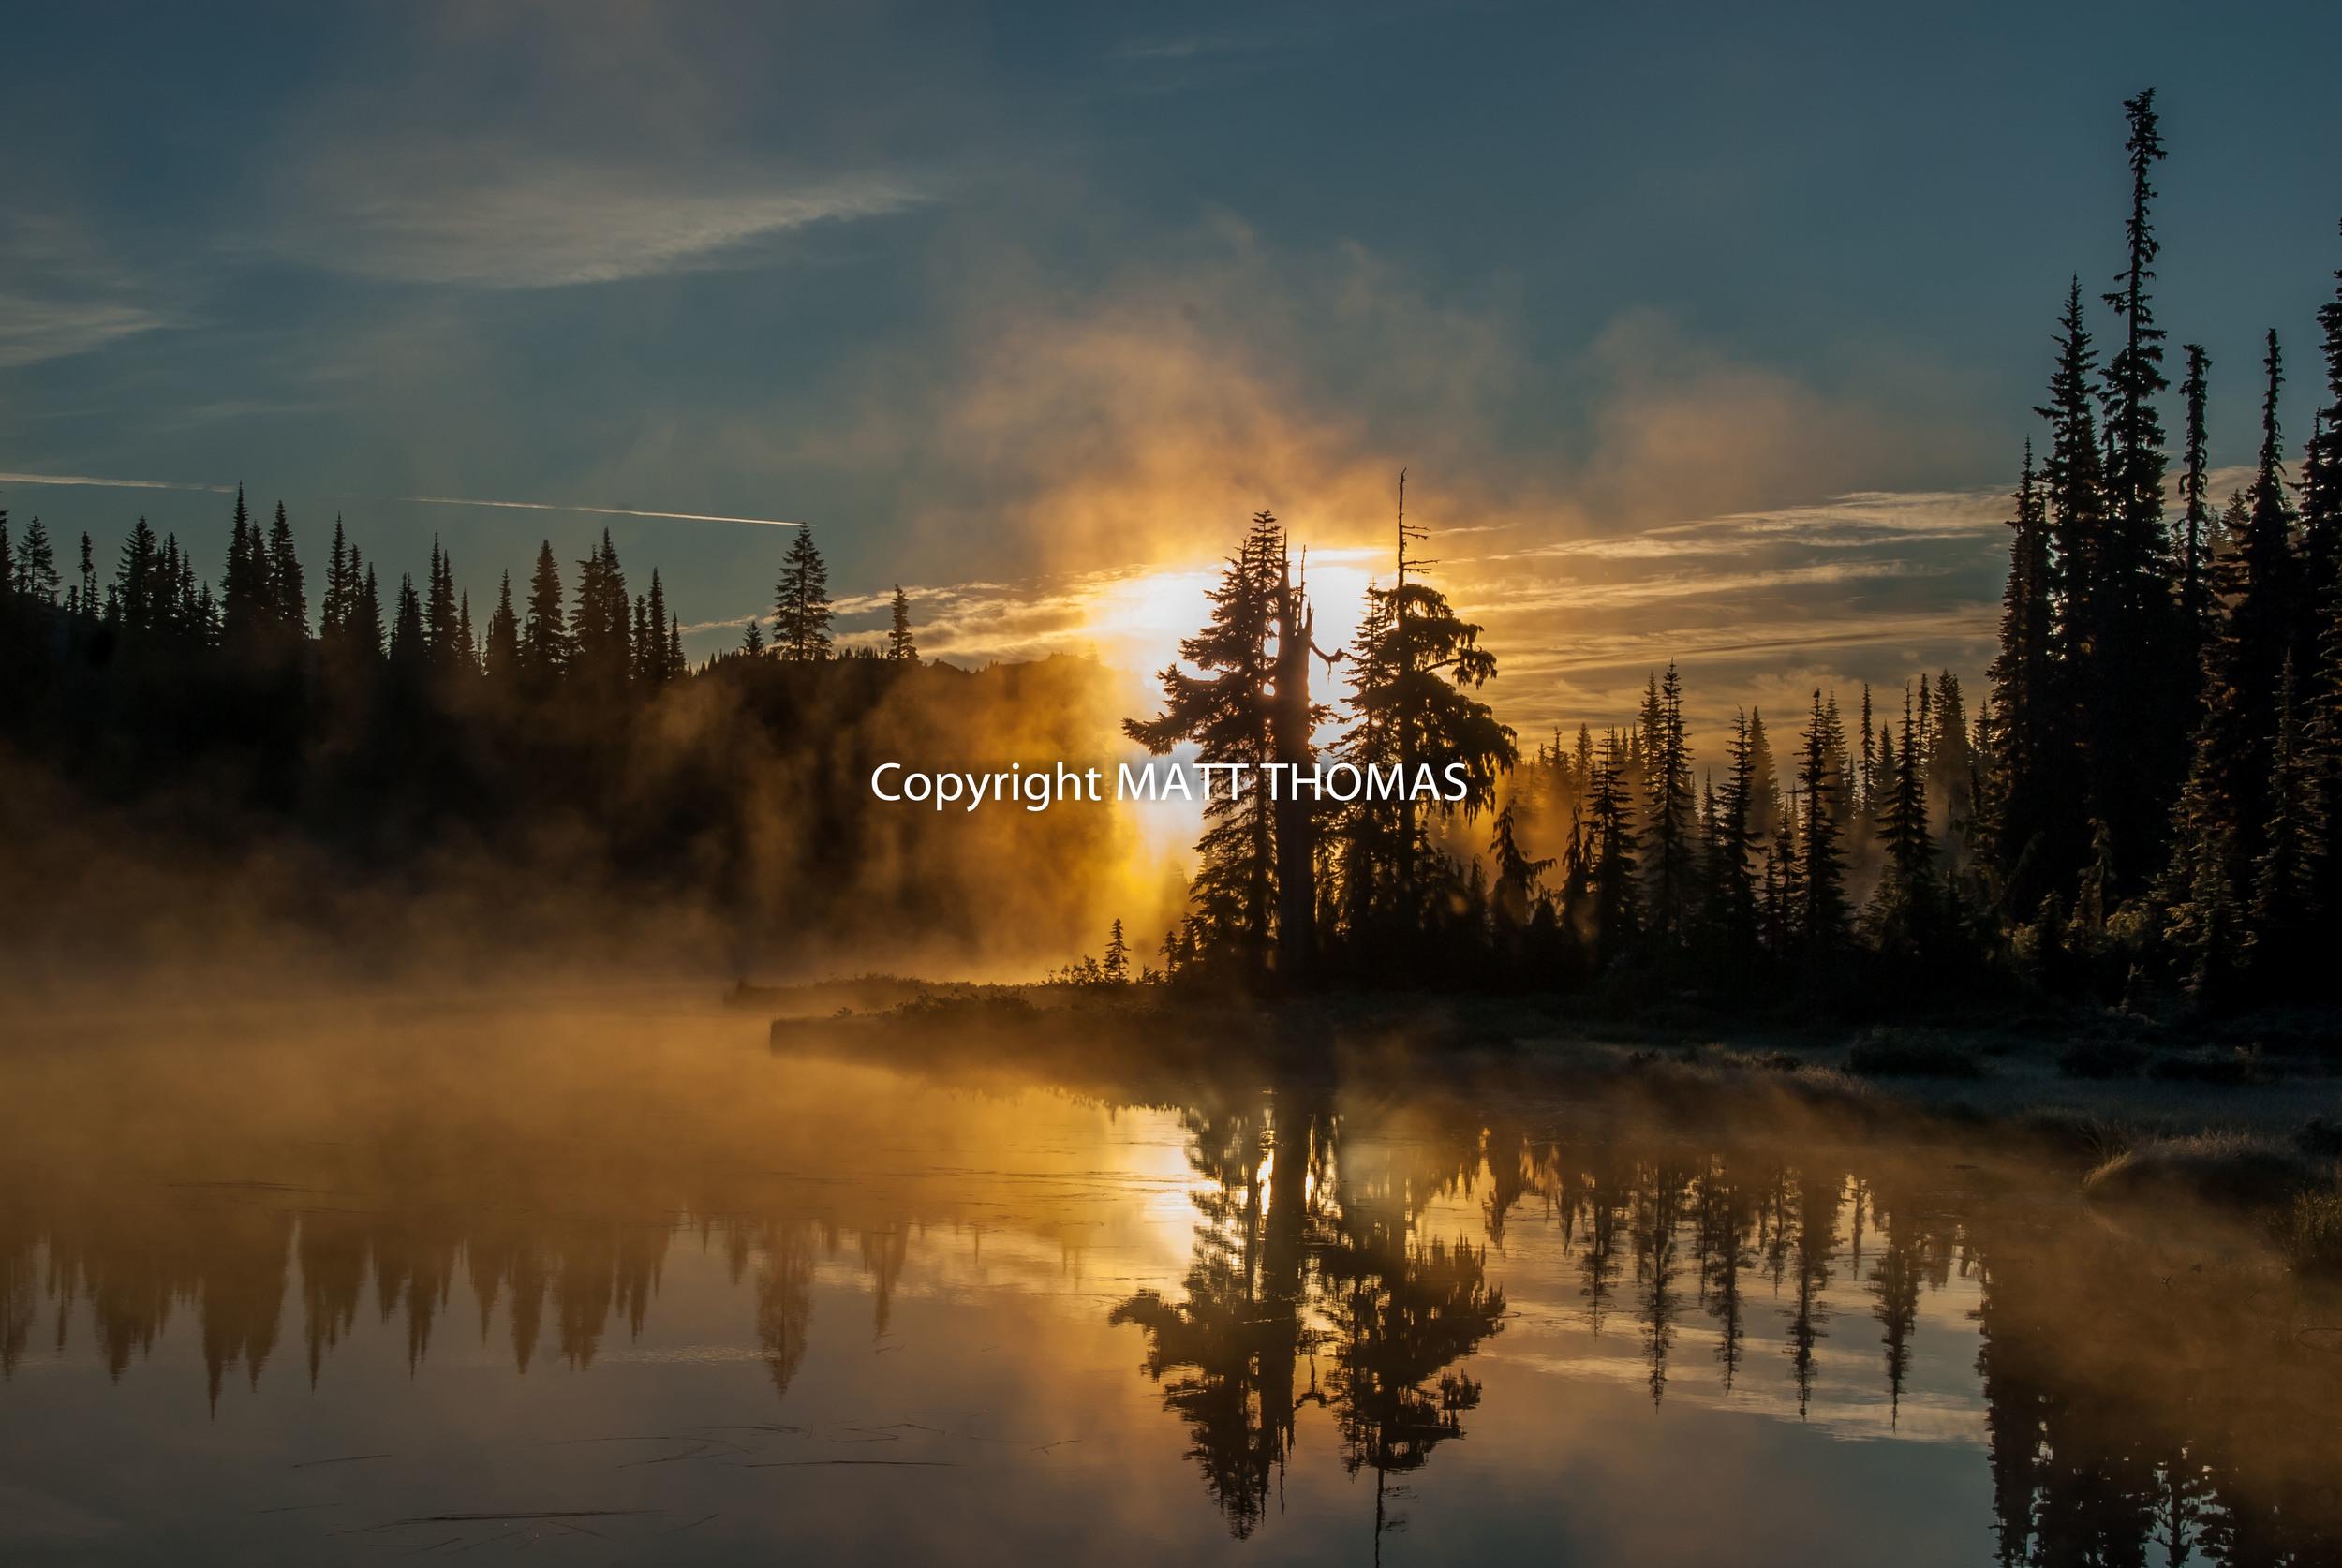 Sunrise, Reflection Lake - Mt. Rainier N.P.